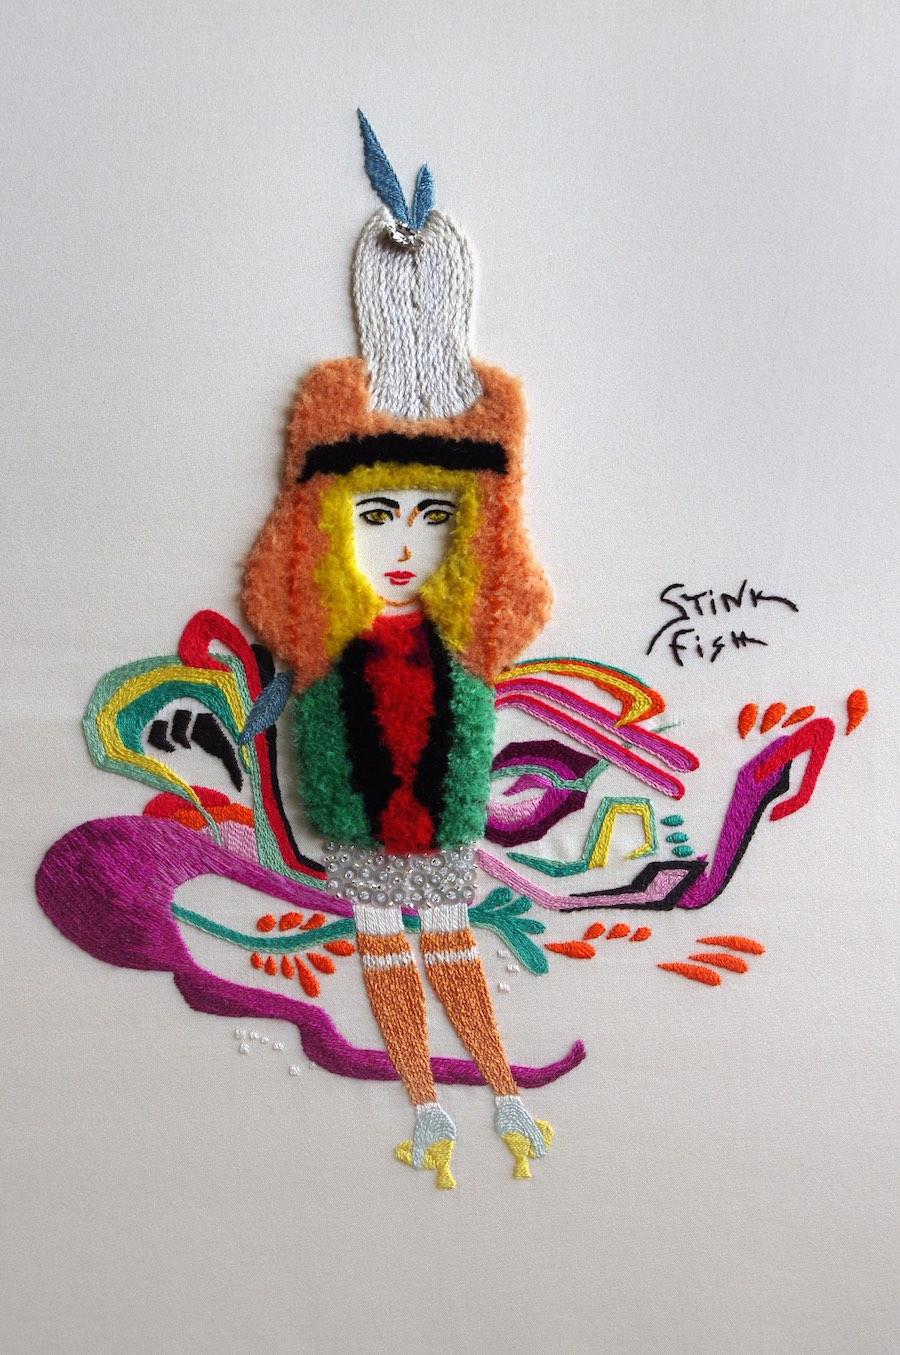 Mary Brown - Homage to Prada & Stinkfish